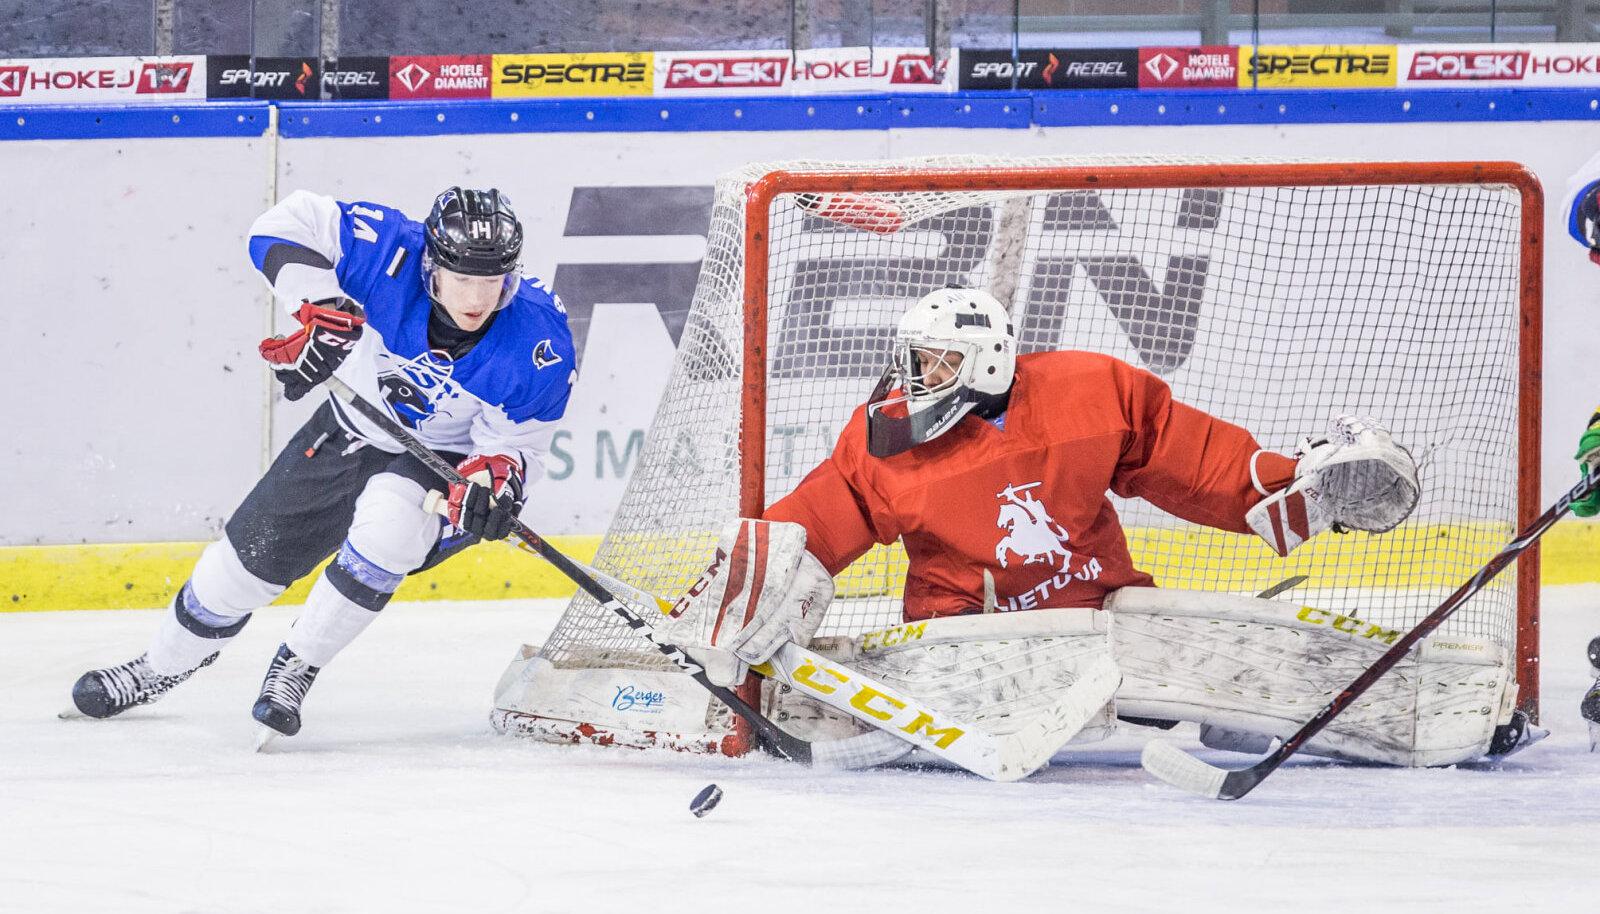 Eesti vs Leedu